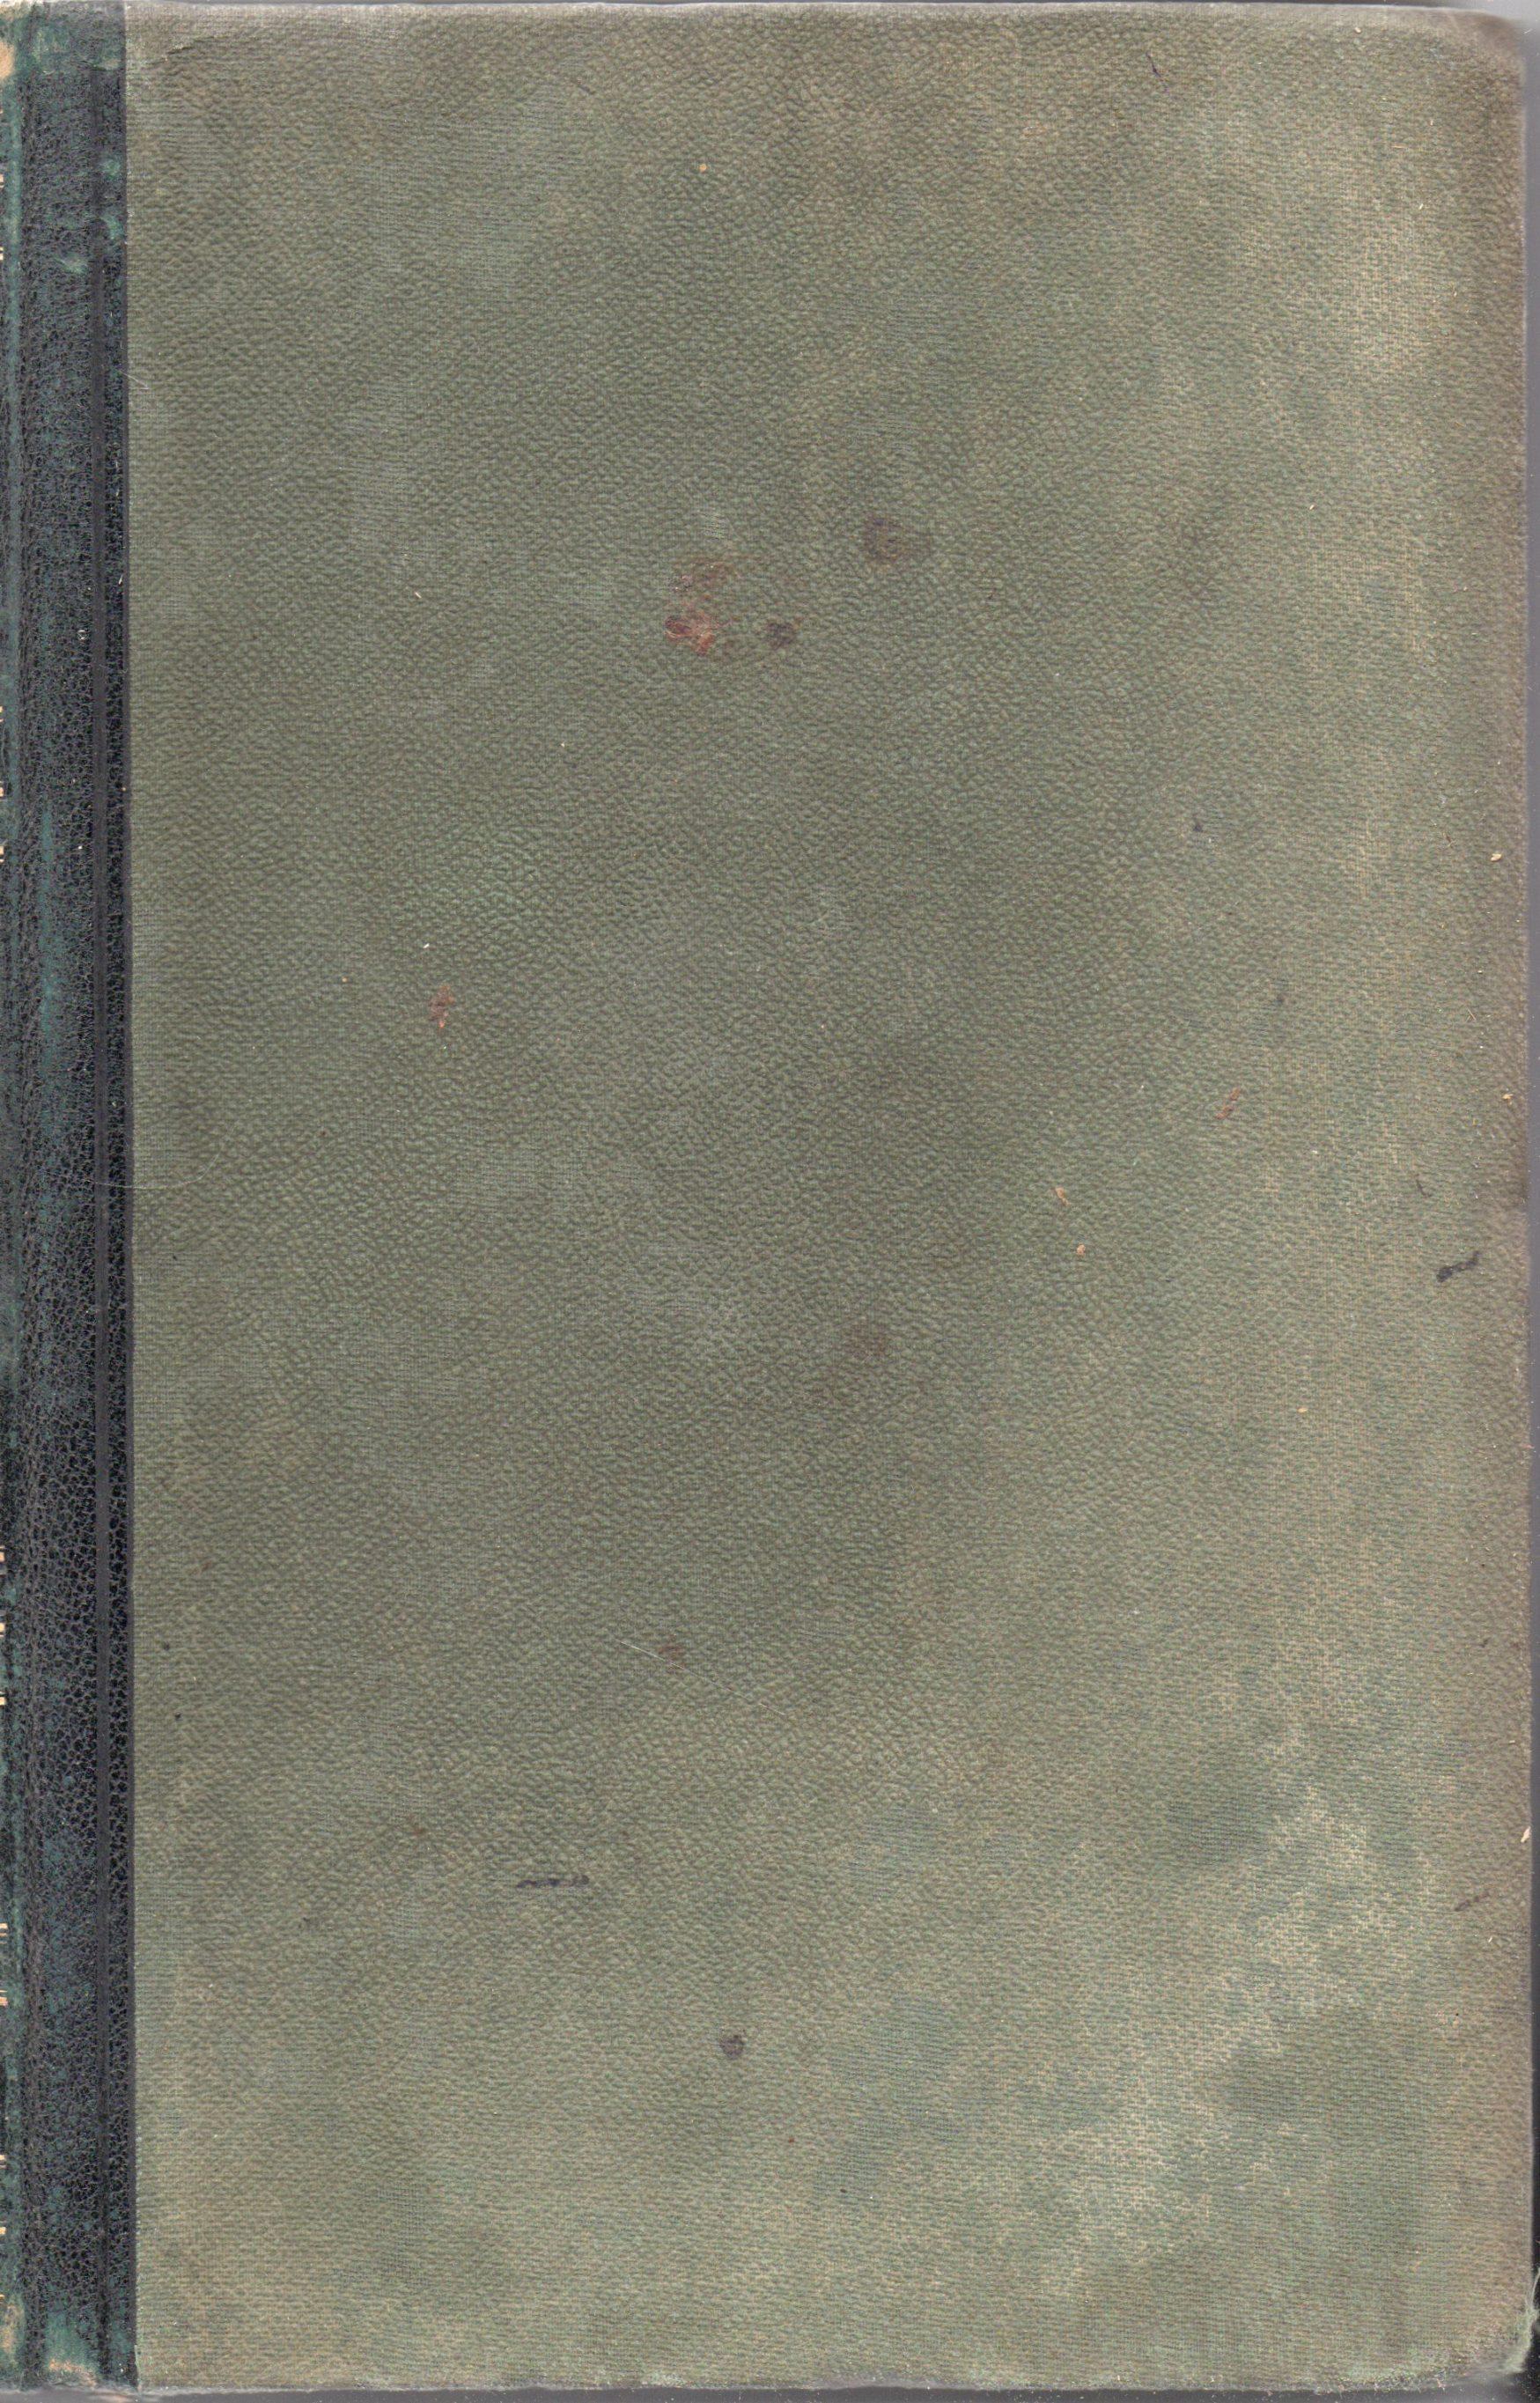 Енциклопедичний словник Брокгауза і Єфрона. Т. Х  (4 од.)